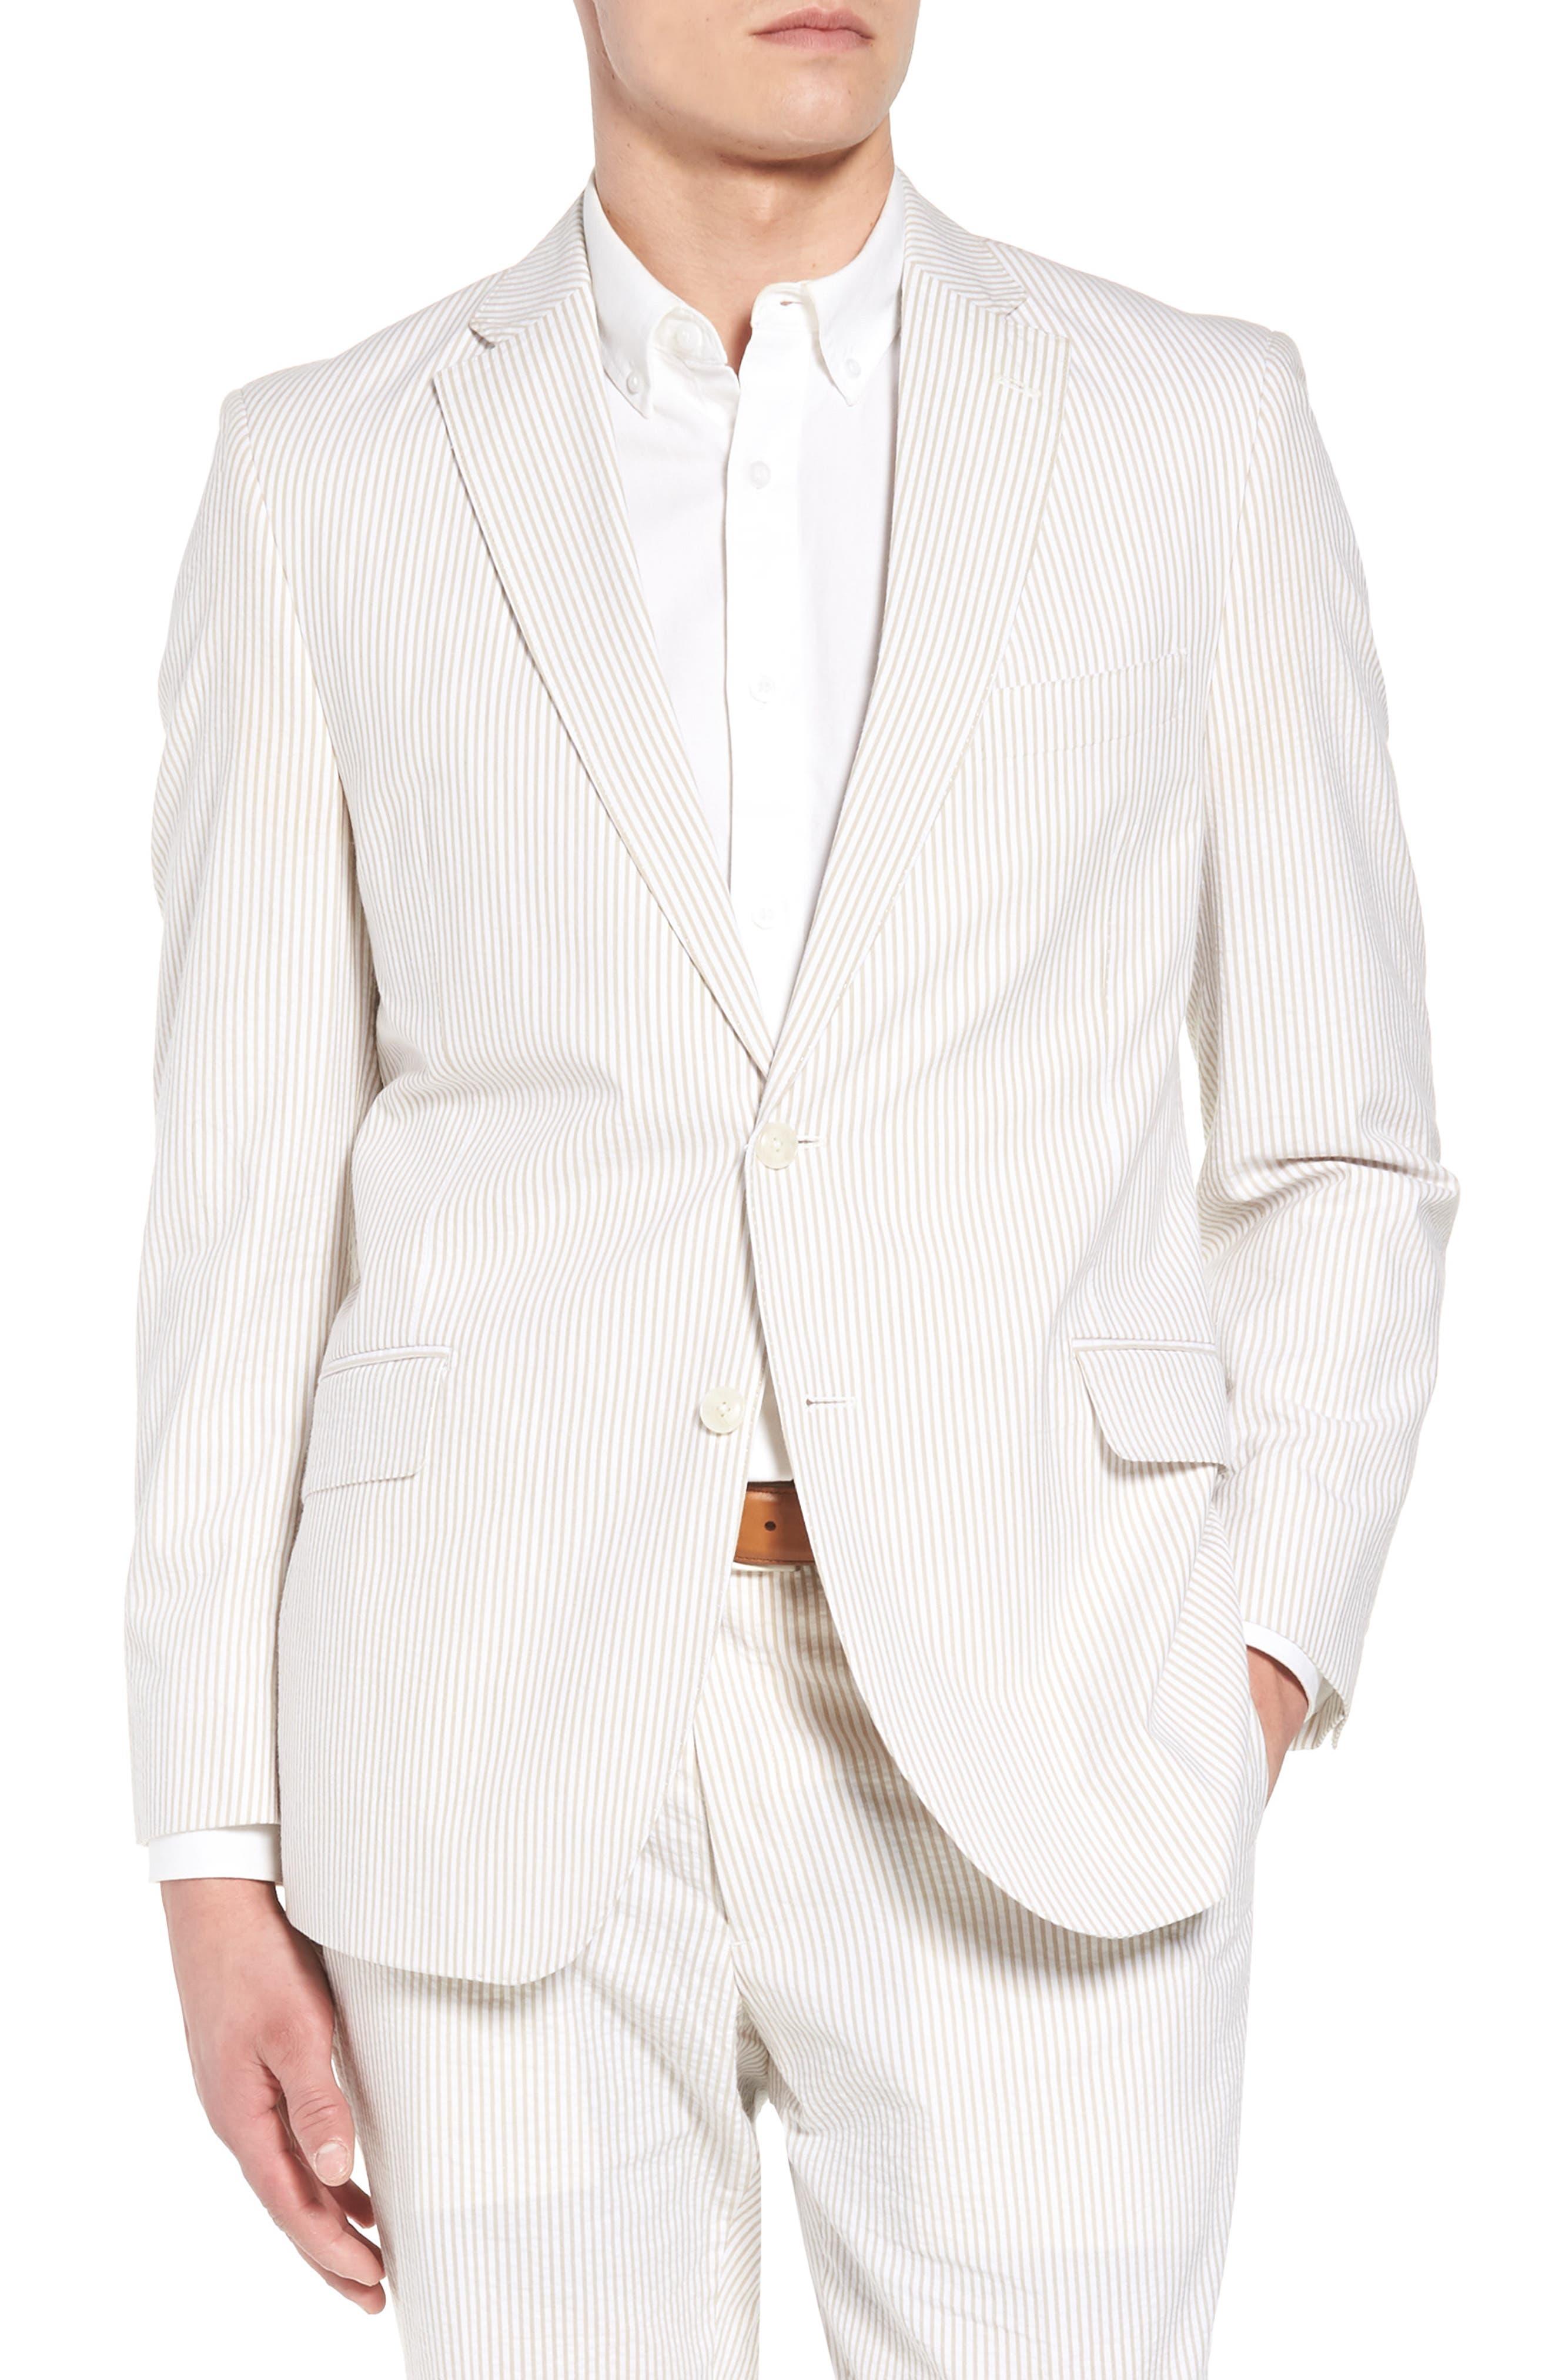 Kroon Jack AIM Classic Fit Seersucker Sport Coat